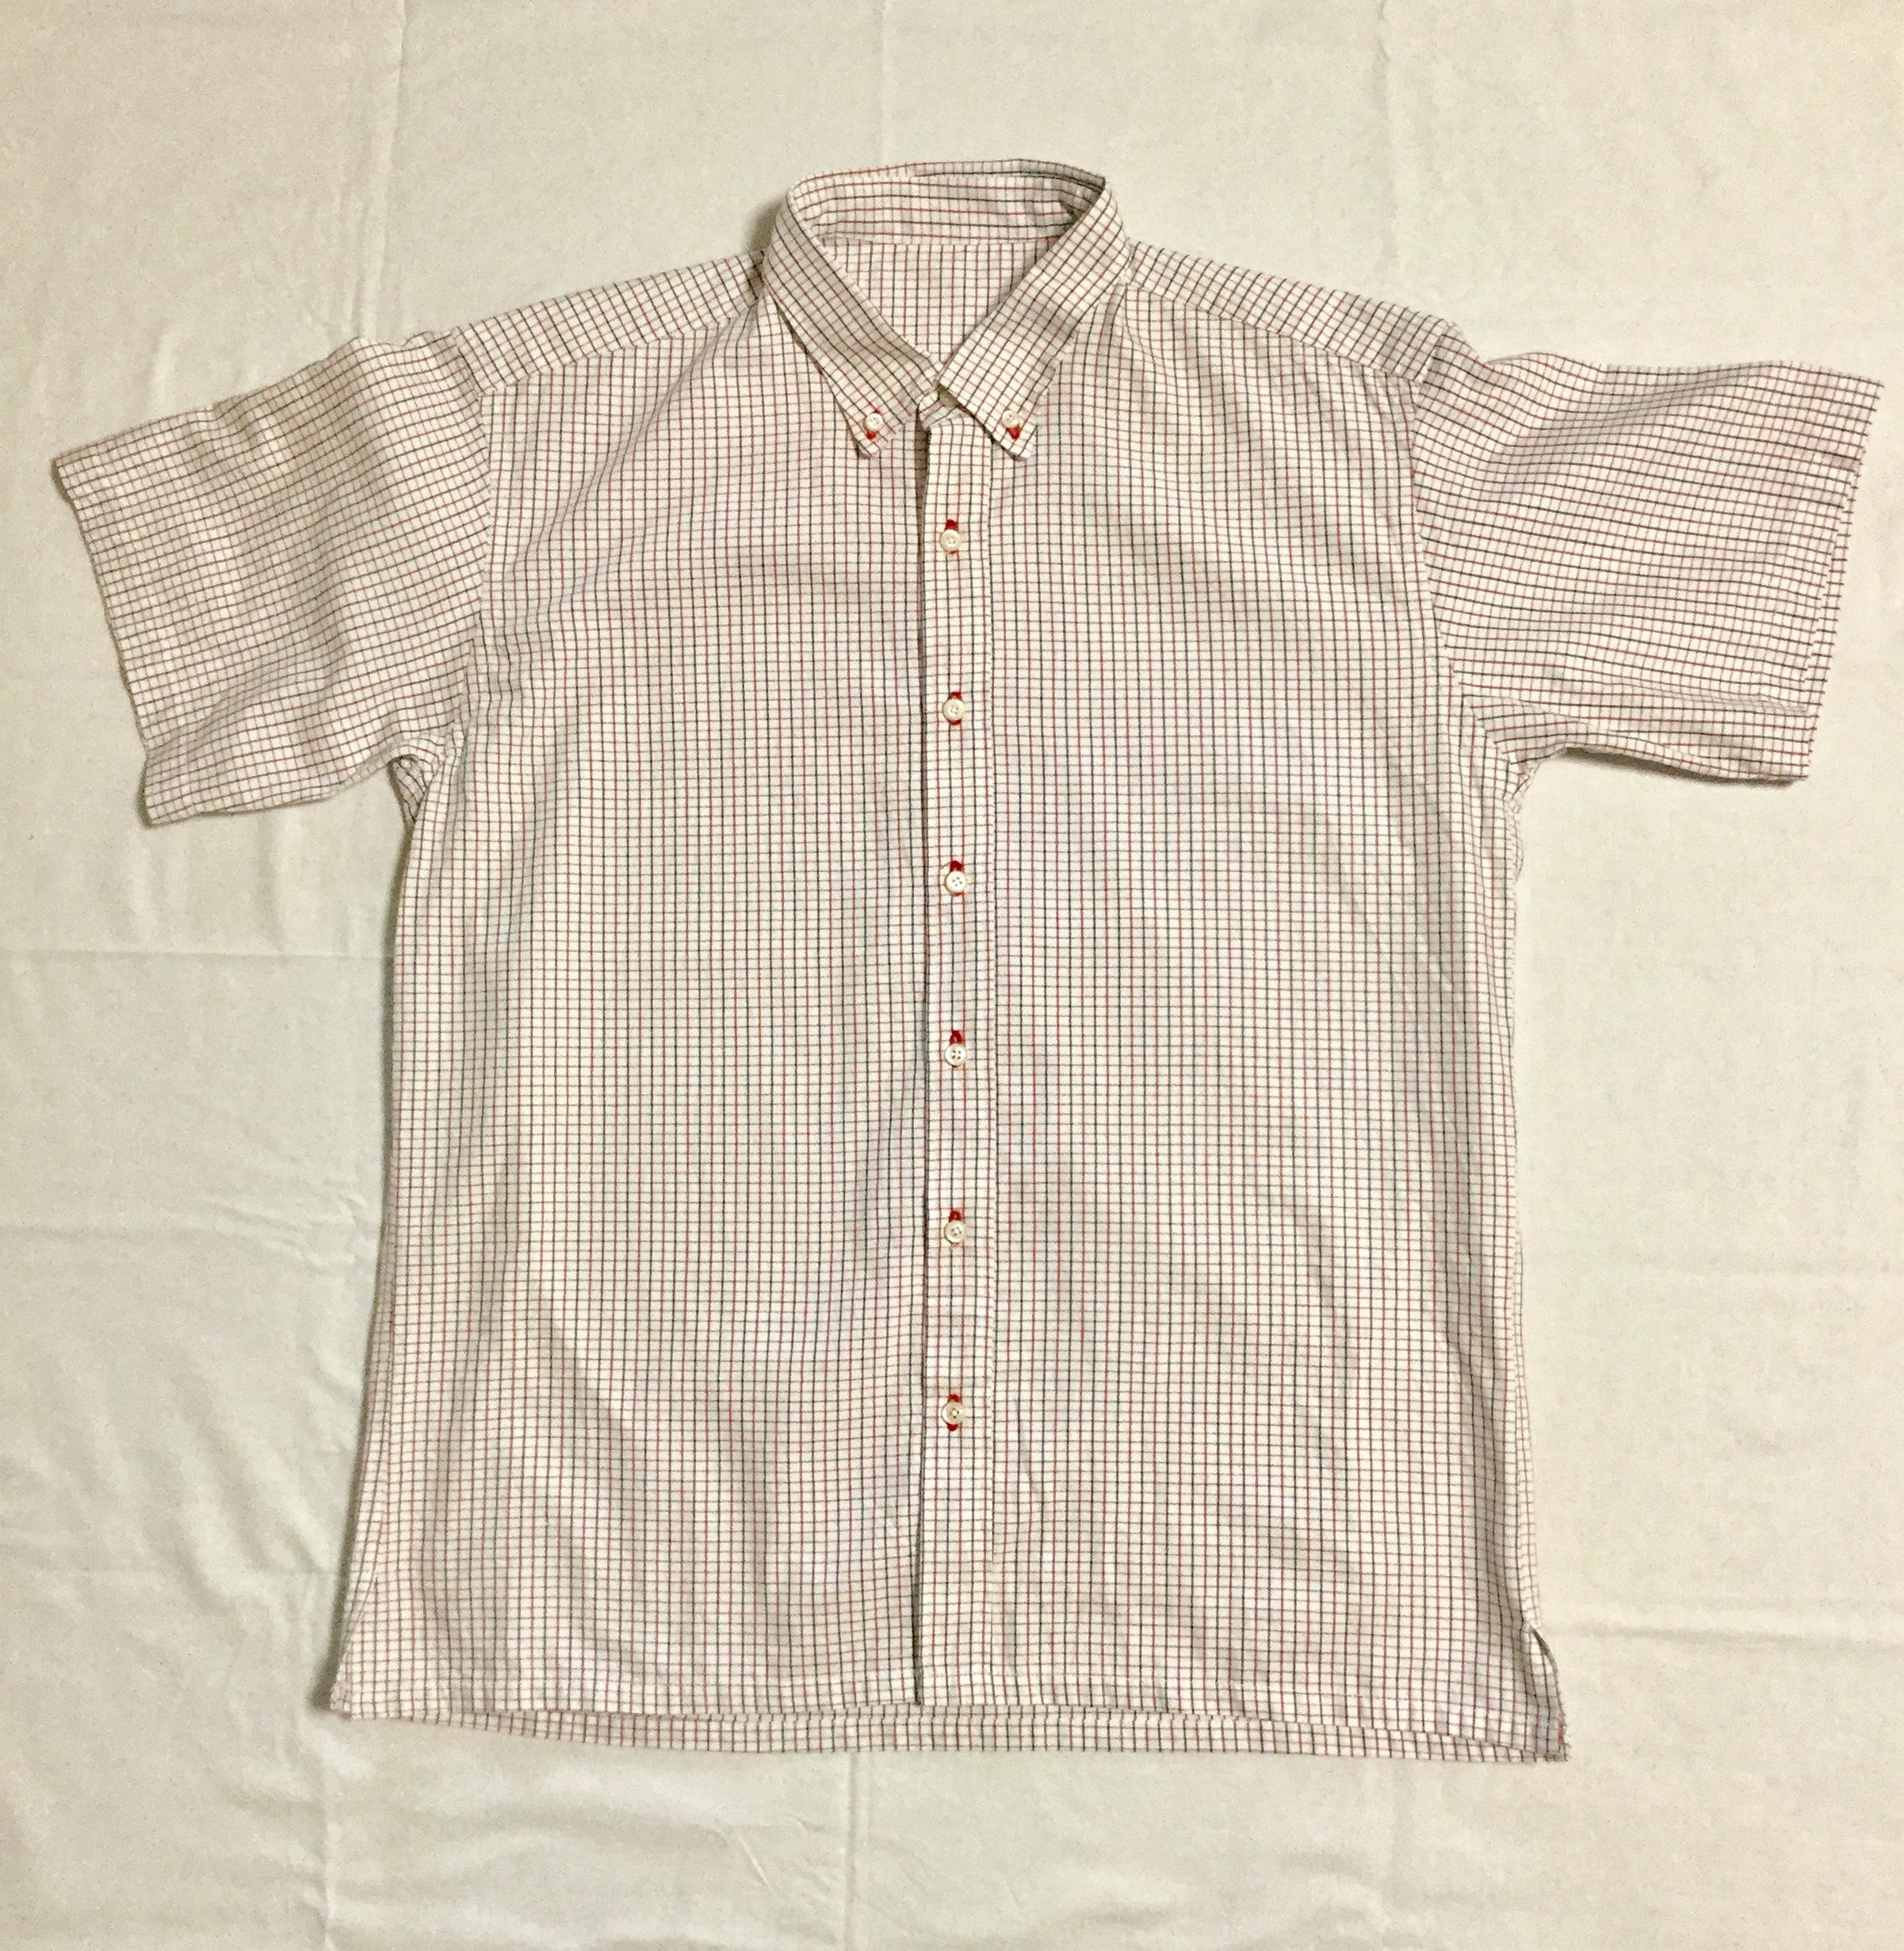 【お悩み解決事例】オーダーメイドでYシャツ製作